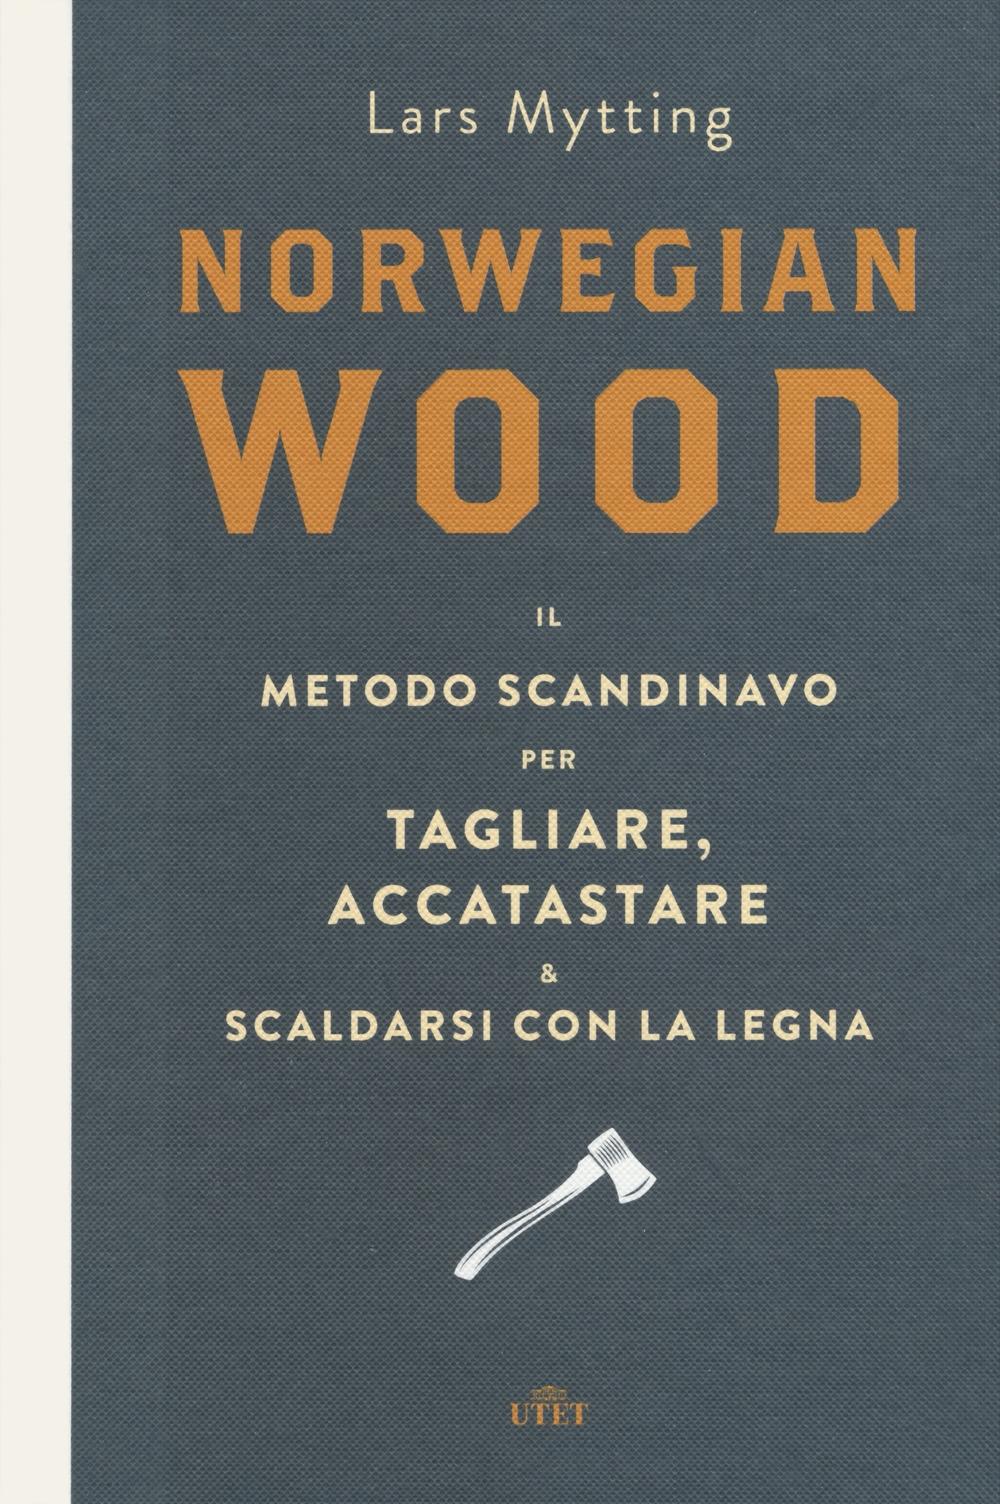 Norwegian wood. Il metodo scandinavo per tagliare, accatastare & scaldarsi con la legna. Con e-book.